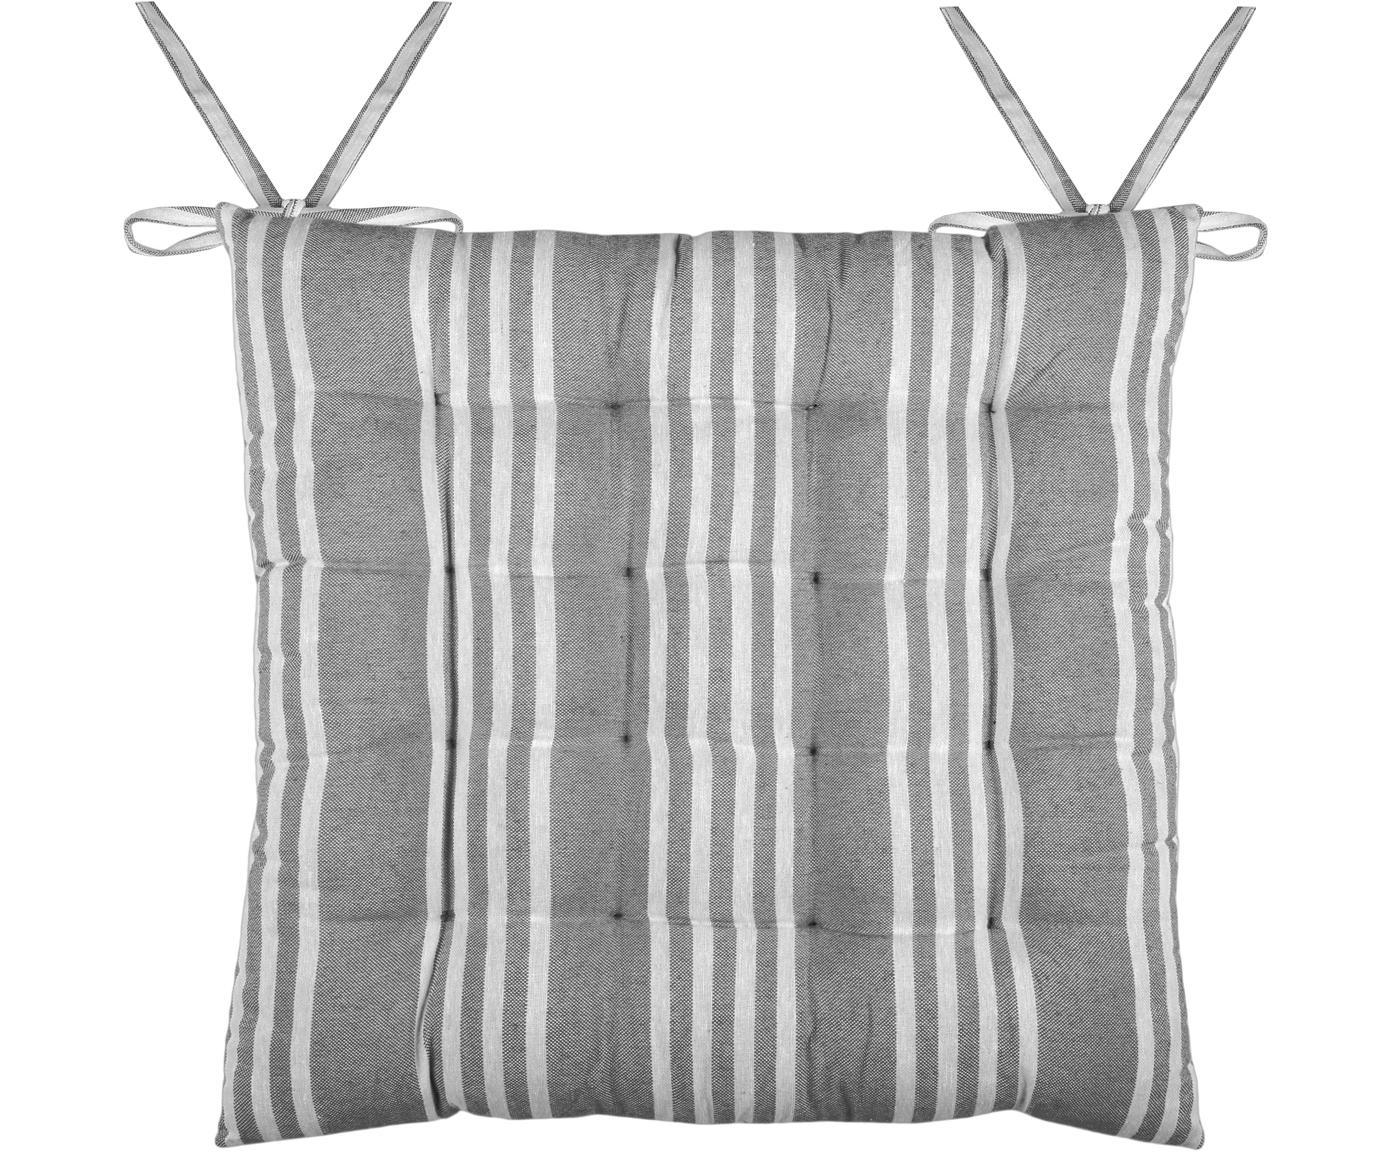 Cojín de asiento Mandelieu, Mezcla de algodón, Gris oscuro, blanco, An 40 x L 40 cm